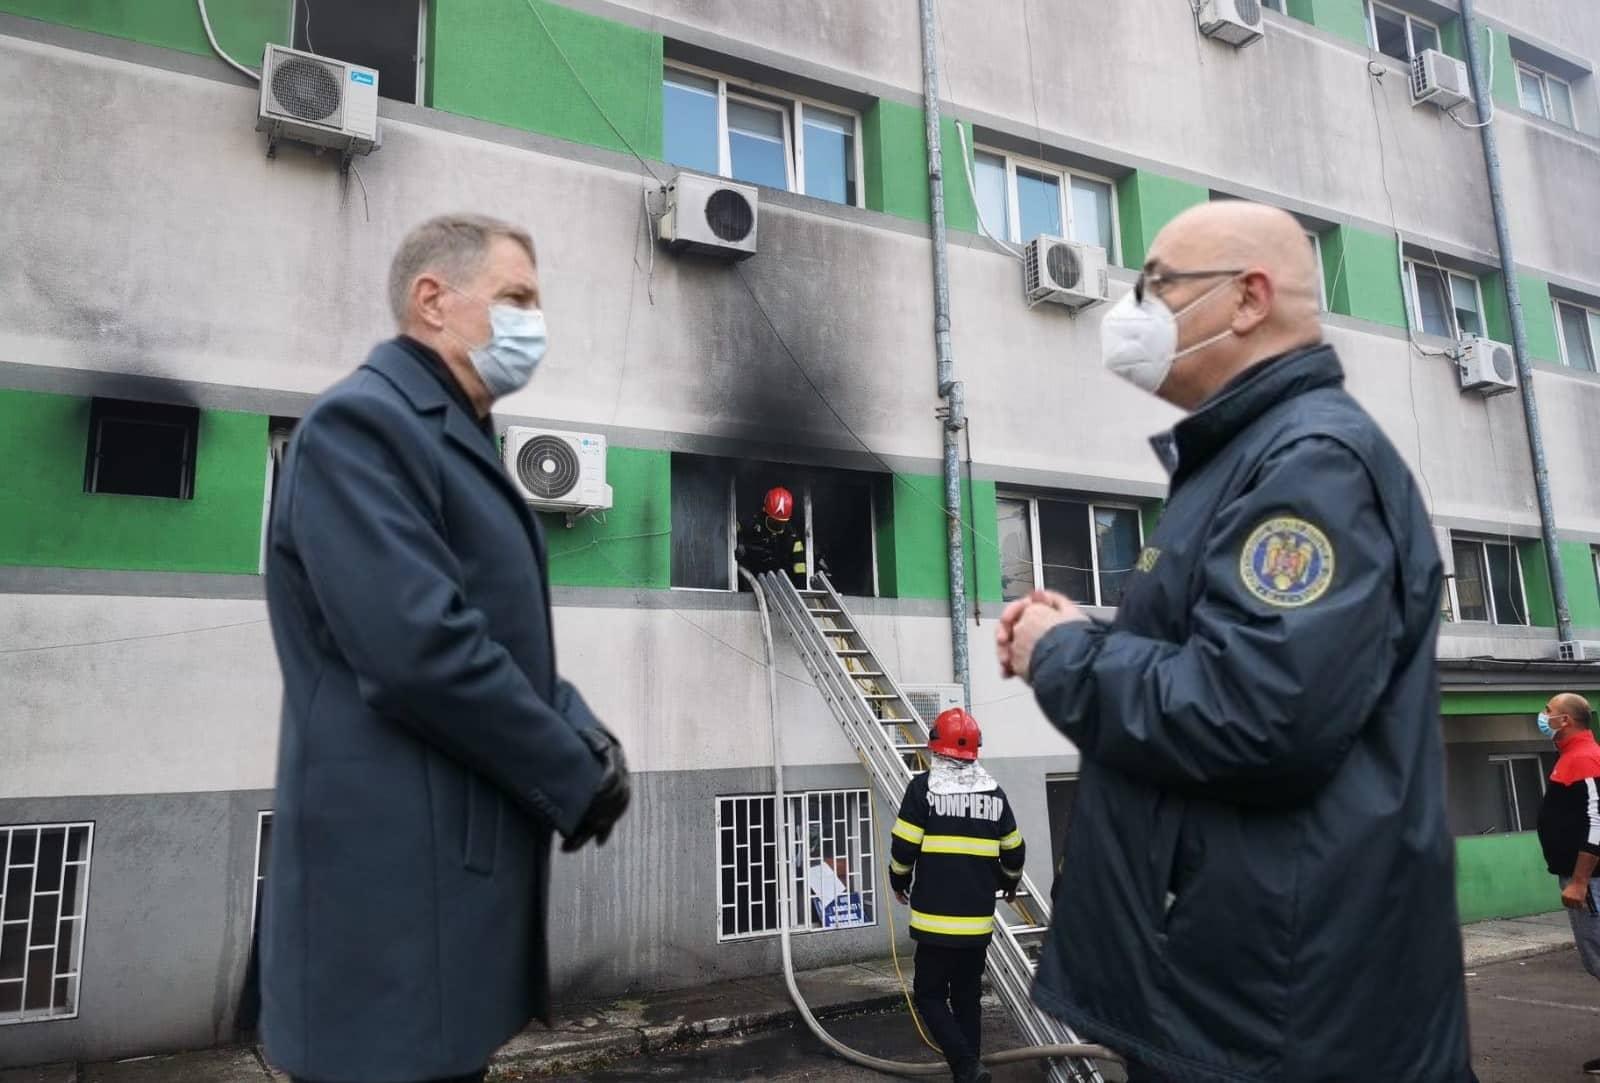 Ard de vii românii în spitale, peste tot e numai jale… AJUNGE! Plecați TOȚI – 60m.ro